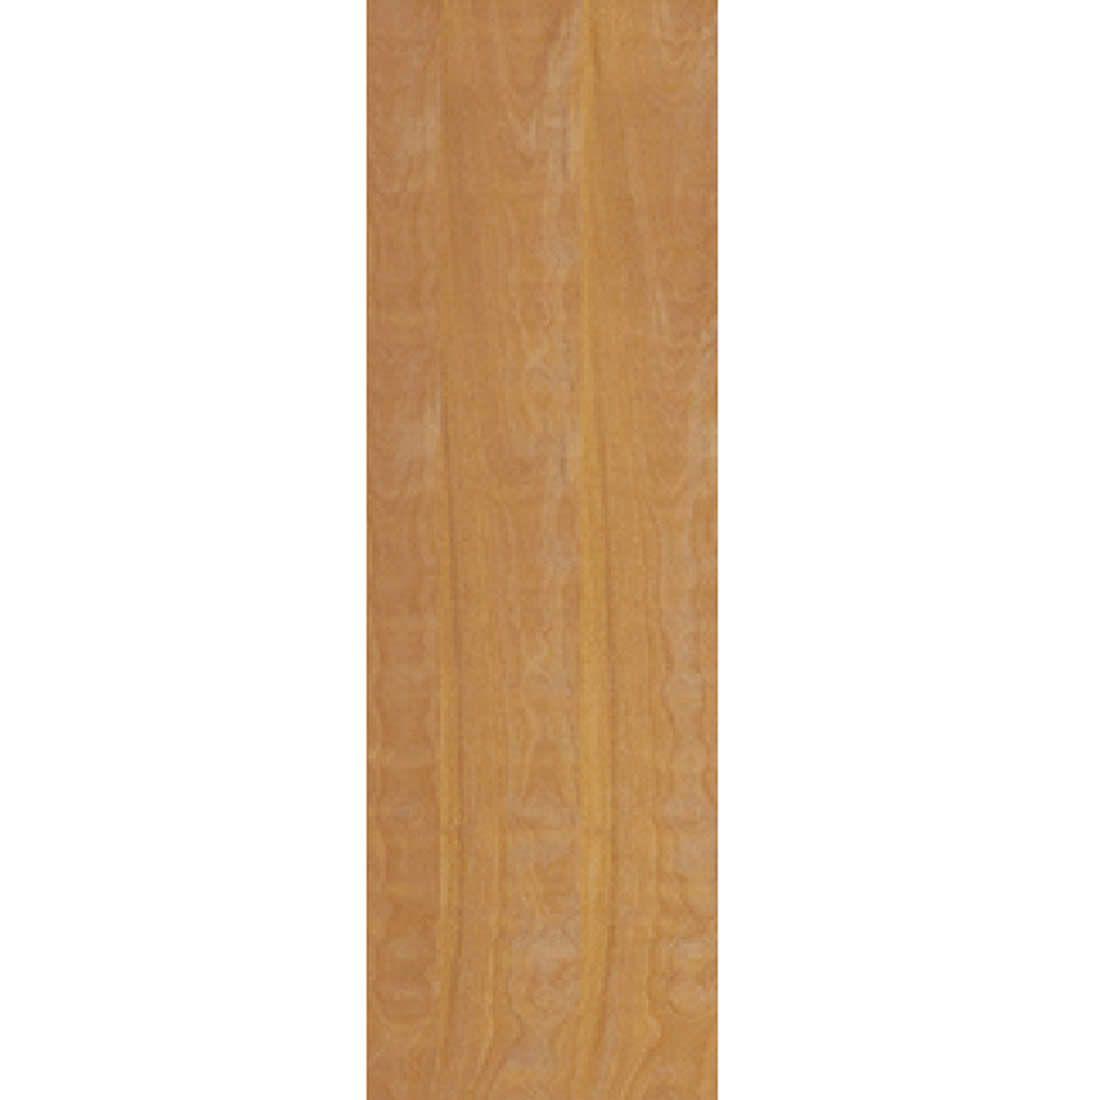 Porta 2,10 x 0,60m em Madeira Curupixa Semi Sólida Modelo Lisa Sem Frisa JB Paes